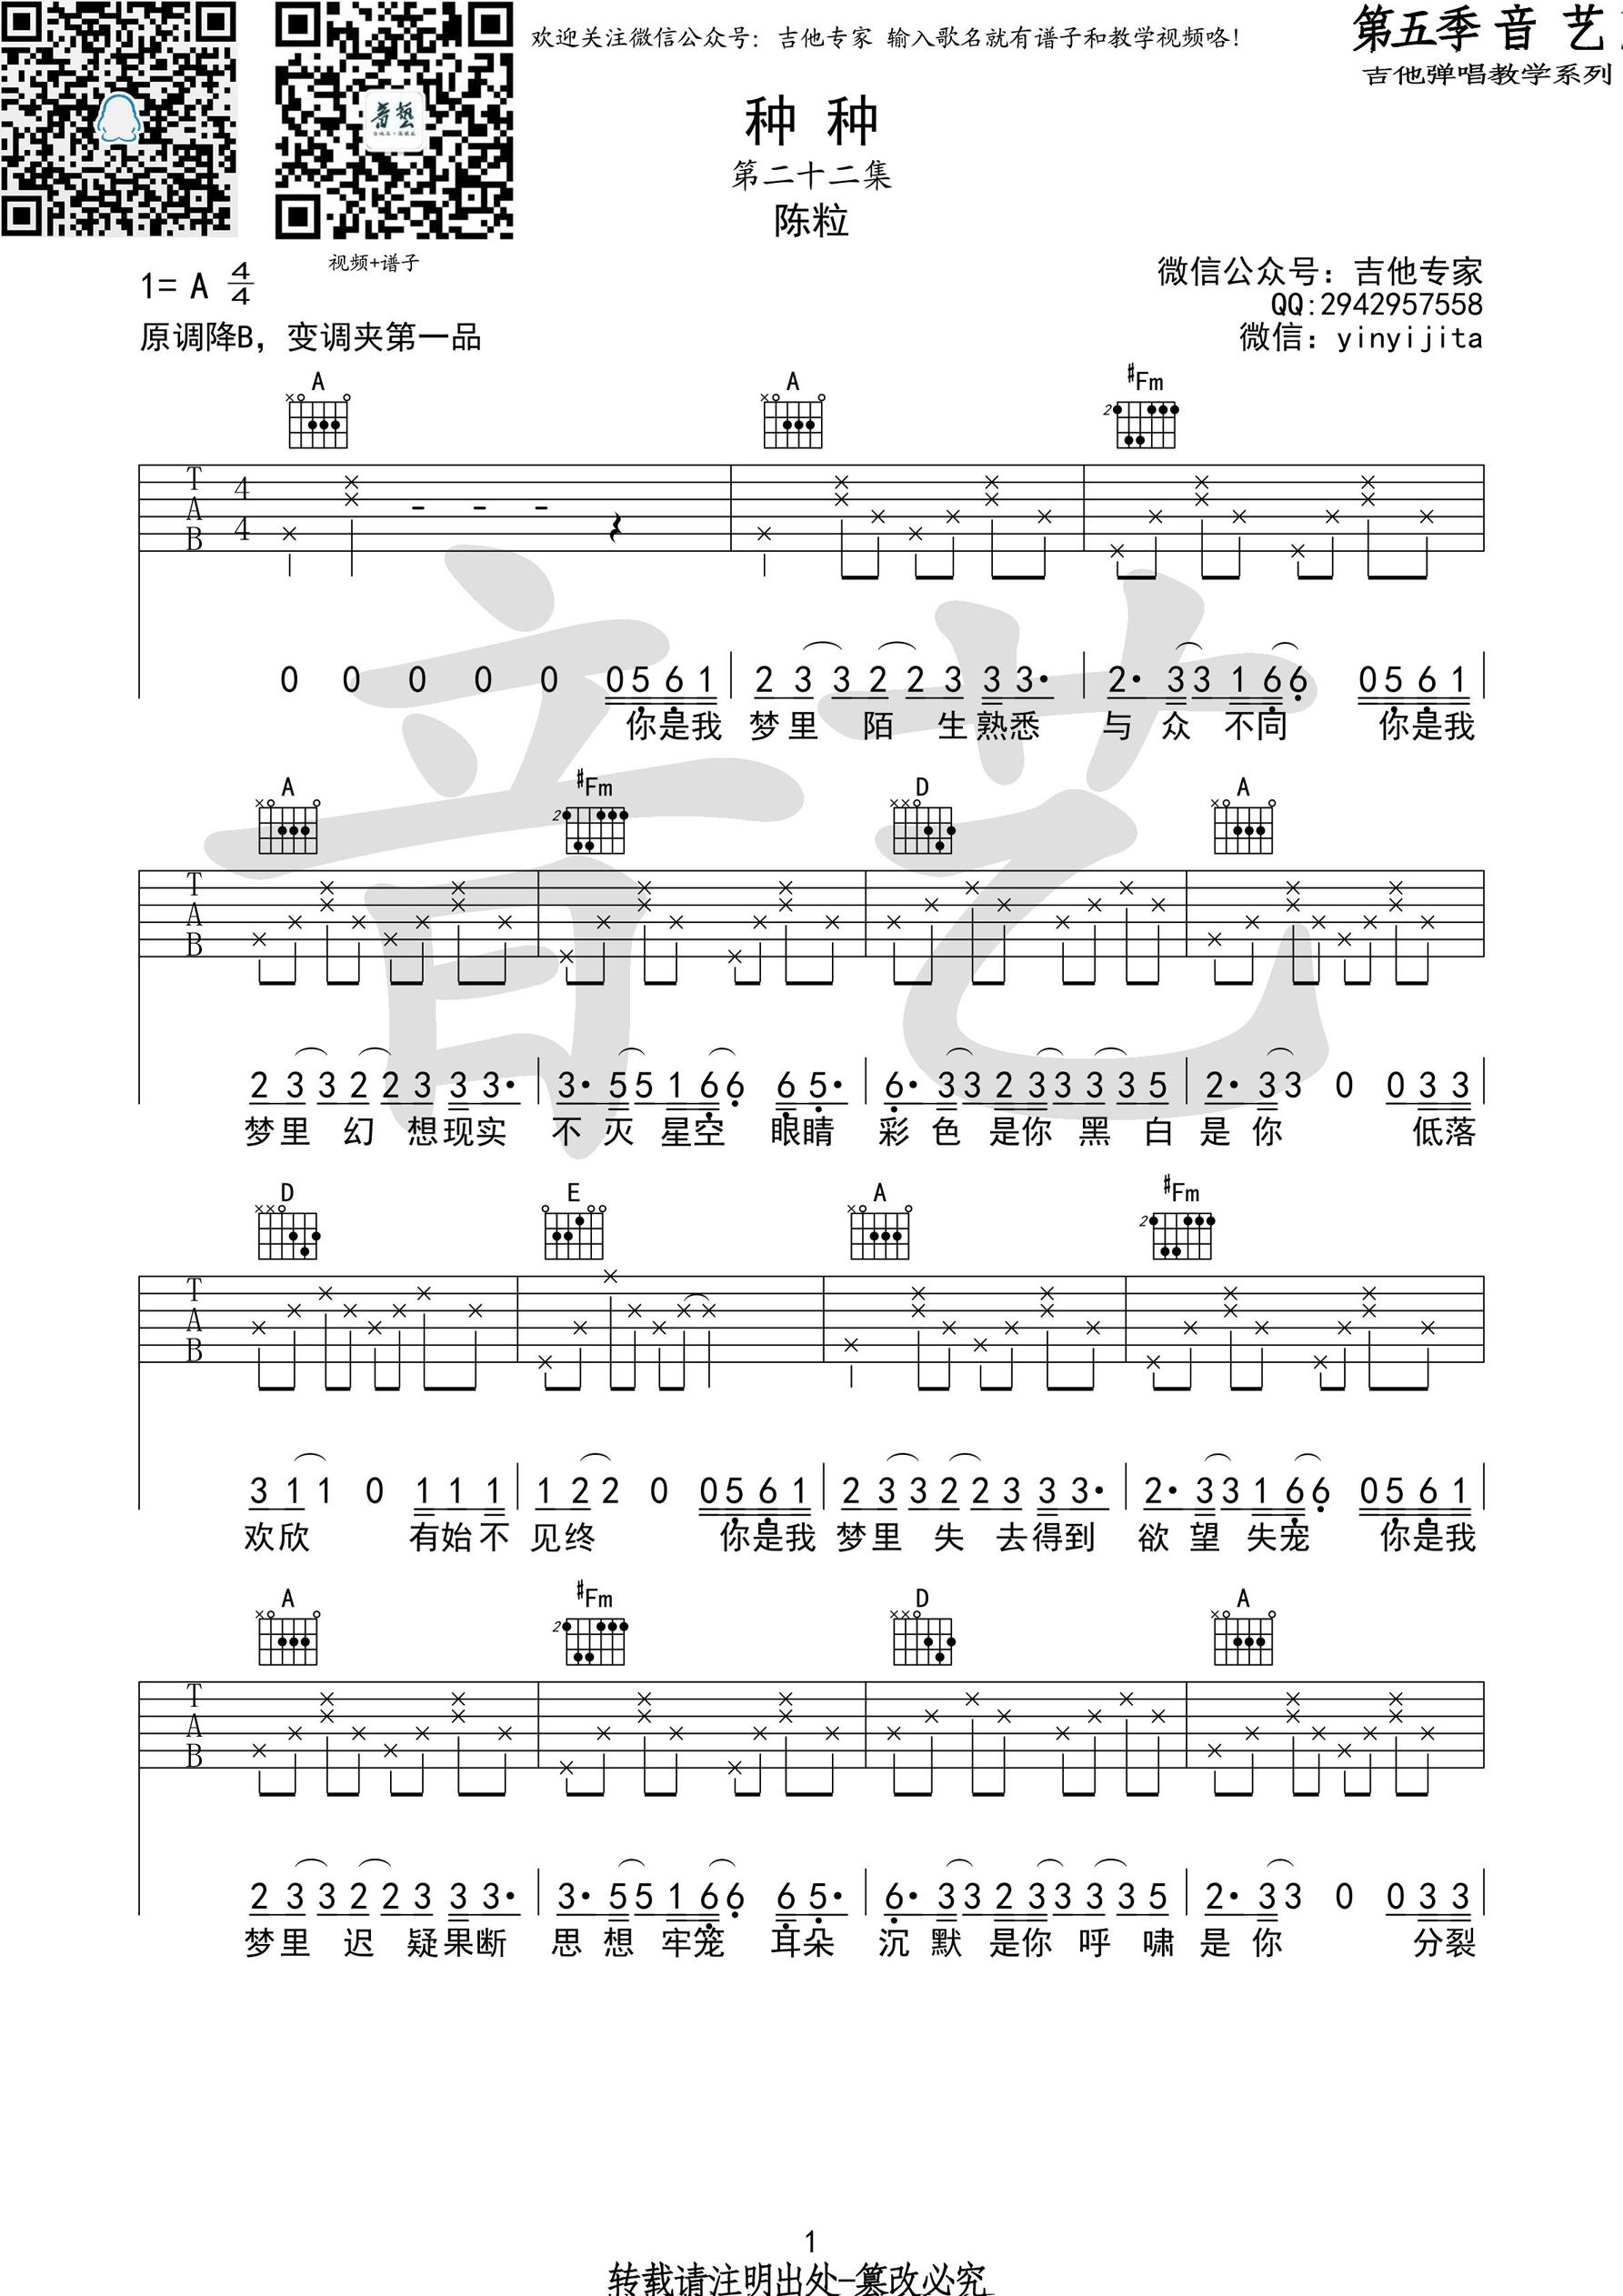 陈粒《种种》吉他谱 A调吉他弹唱谱1